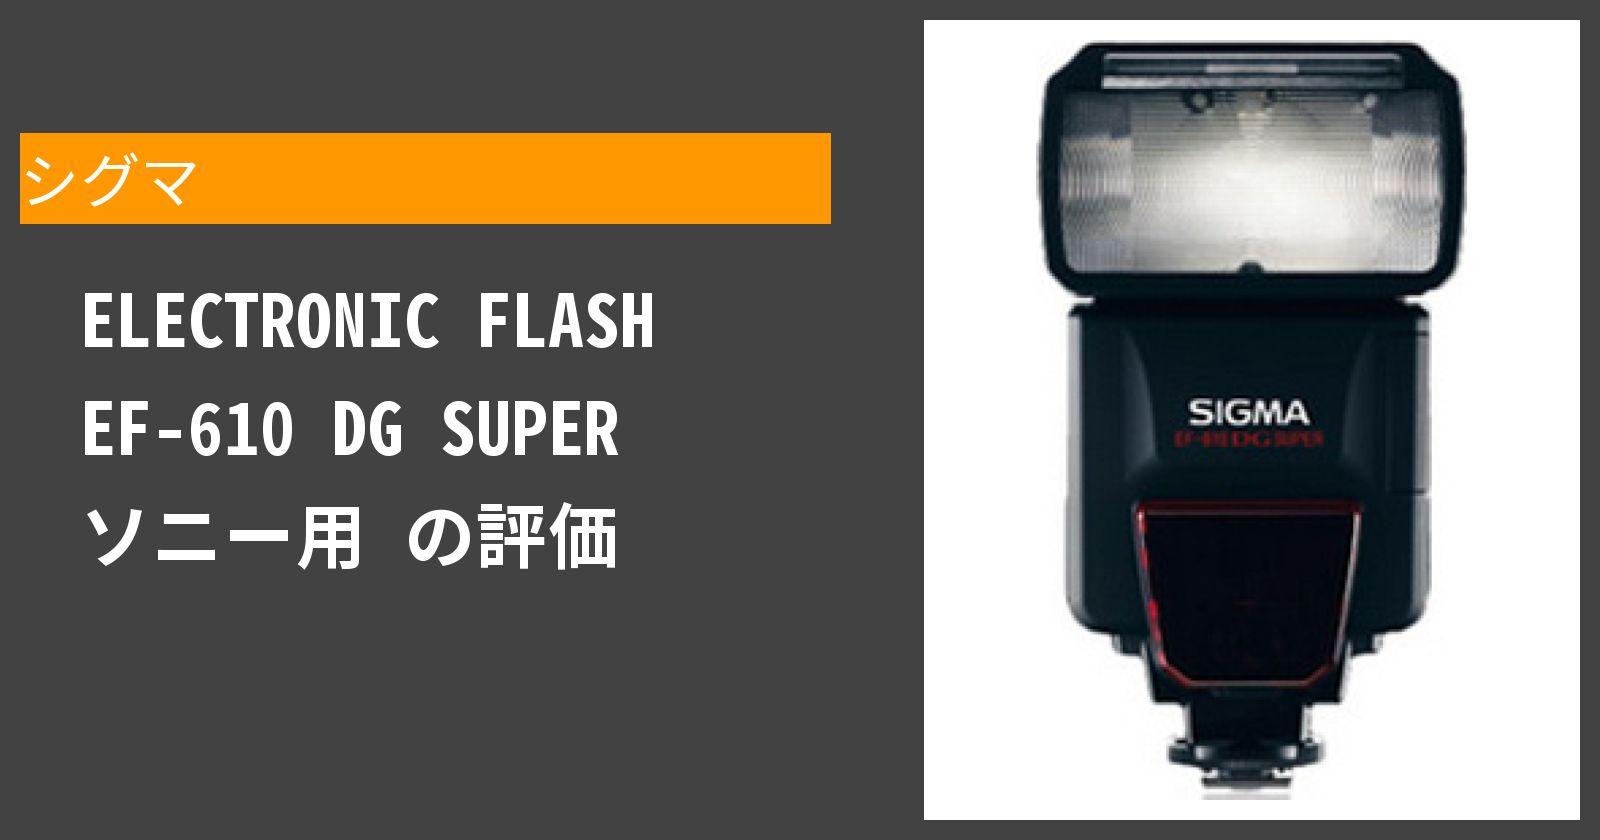 ELECTRONIC FLASH EF-610 DG SUPER ソニー用を徹底評価